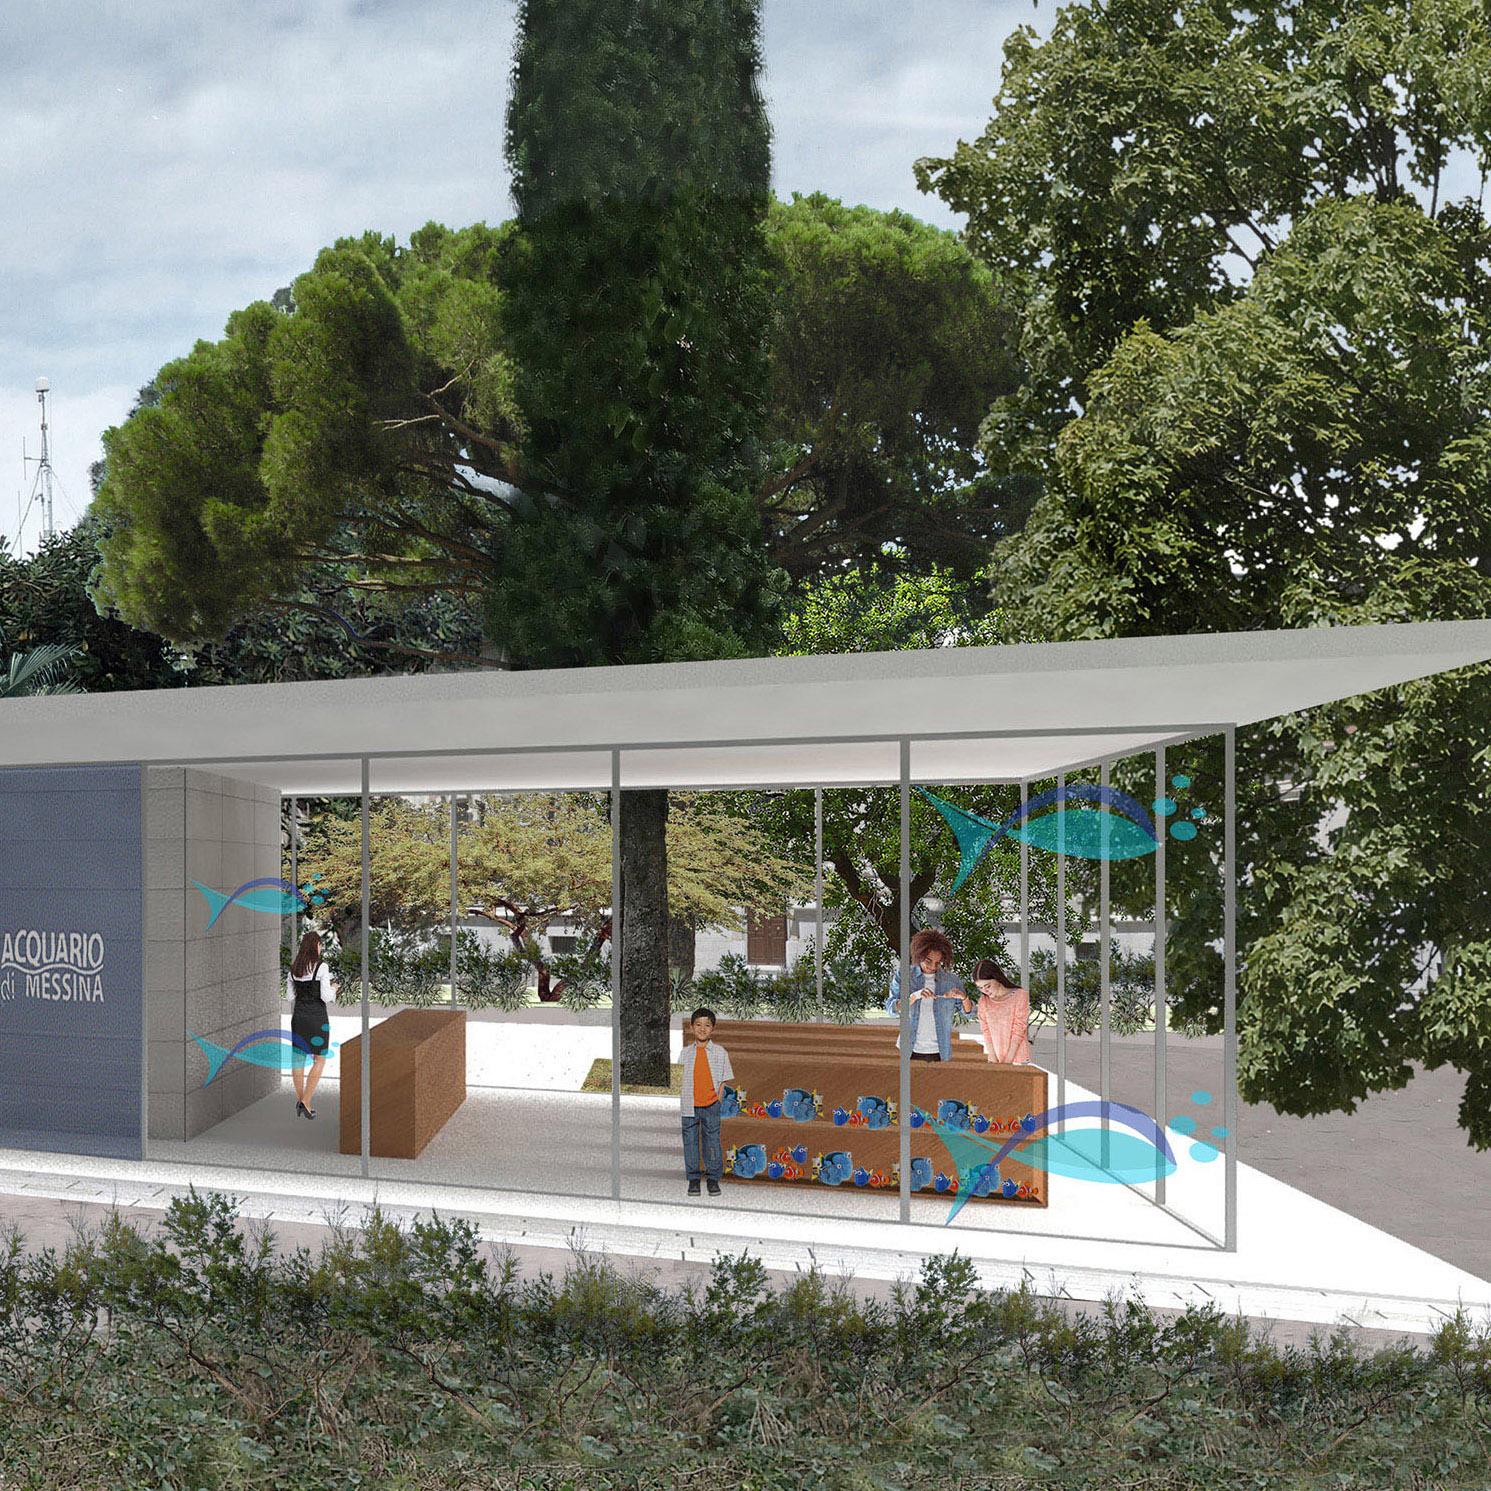 Messina. Ampliamento e riqualificazione dell'Acquario